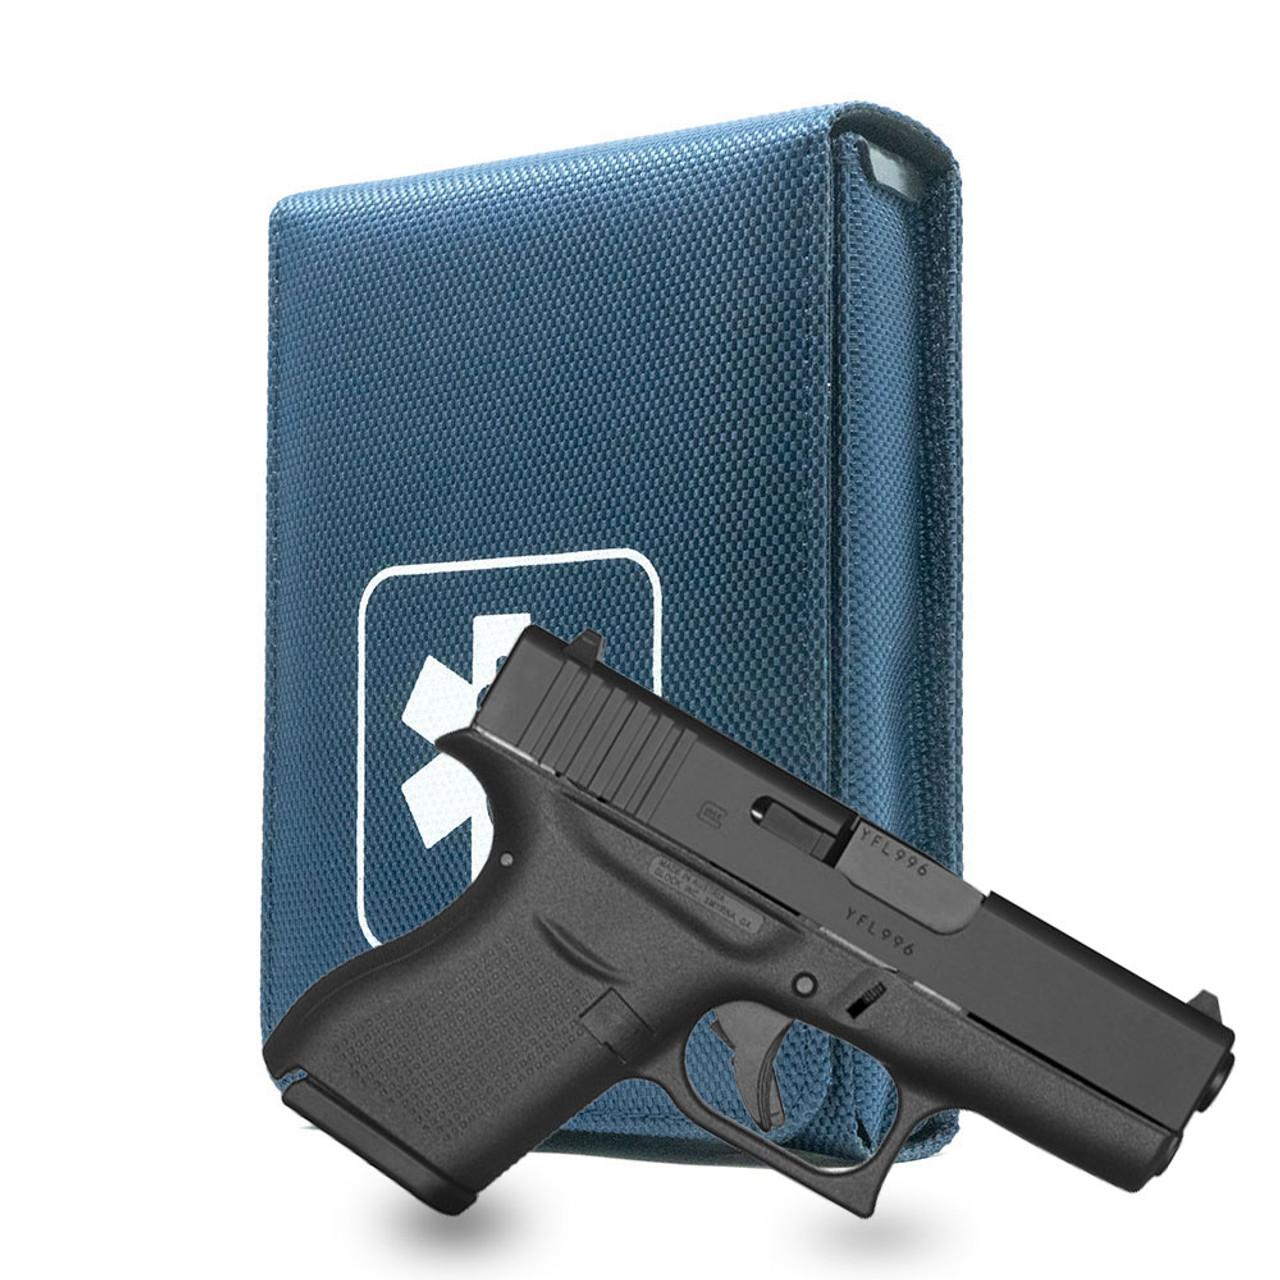 Glock 43 Blue Covert Series Holster